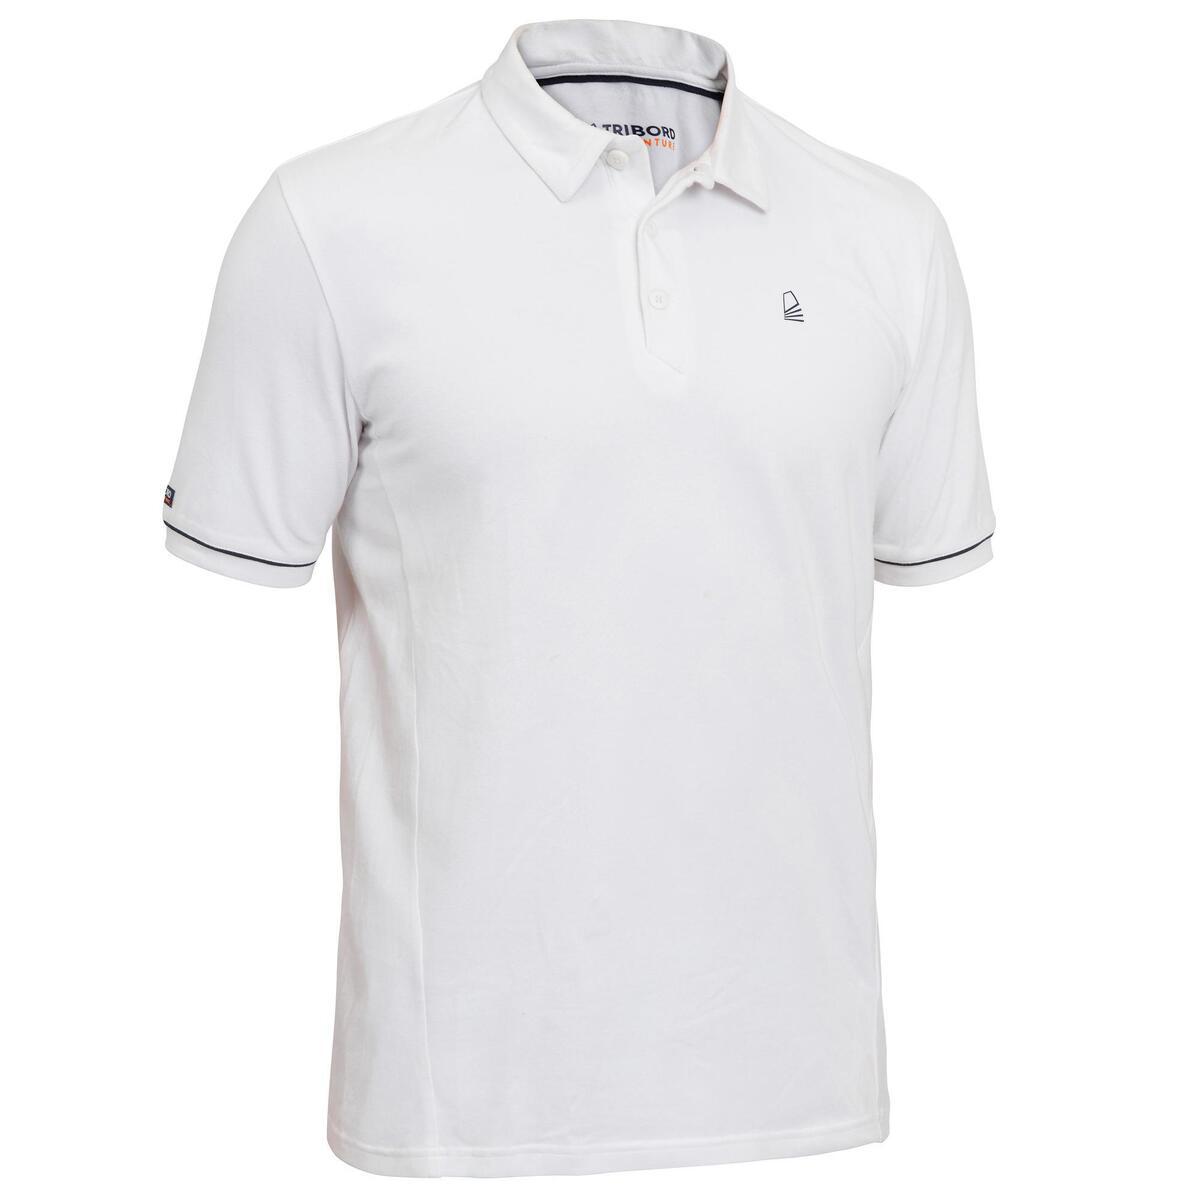 Bild 1 von Poloshirt kurzarm Sailing 100 Herren weiß